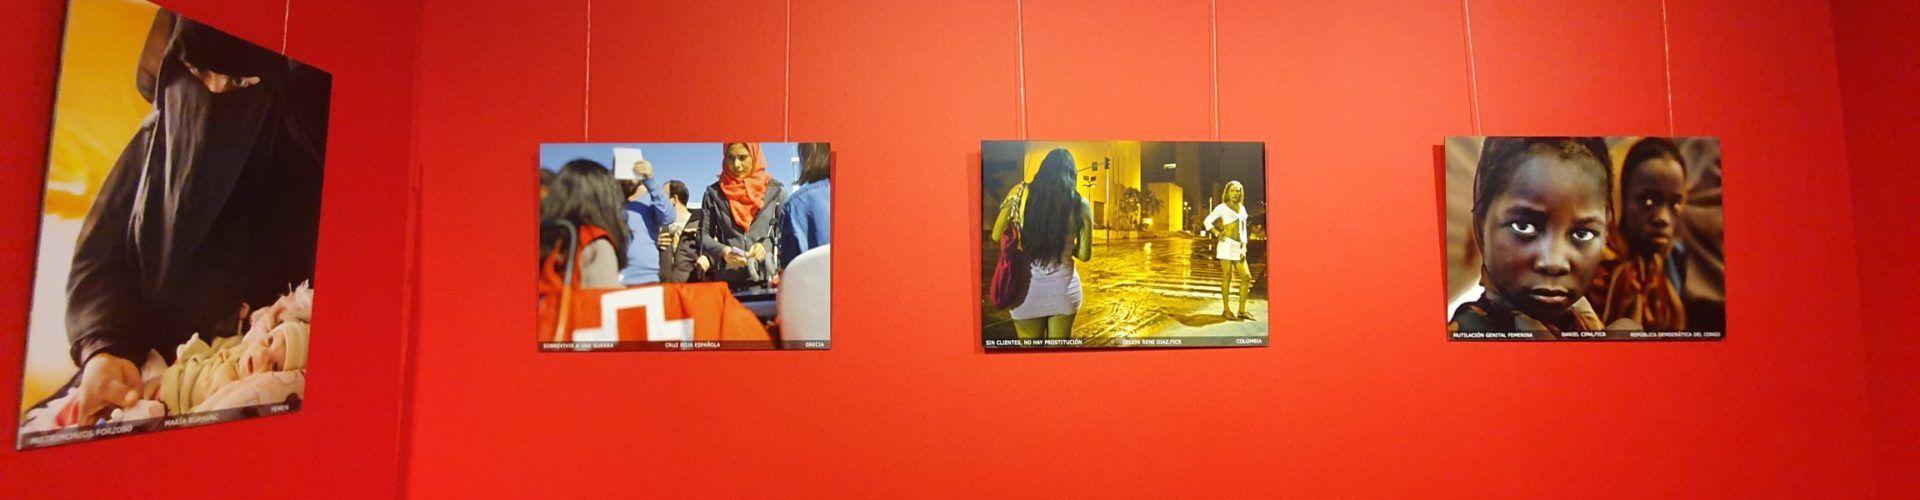 """Vídeo i fotos: """"Dones del món"""" a l'Auditori de Vinaròs"""